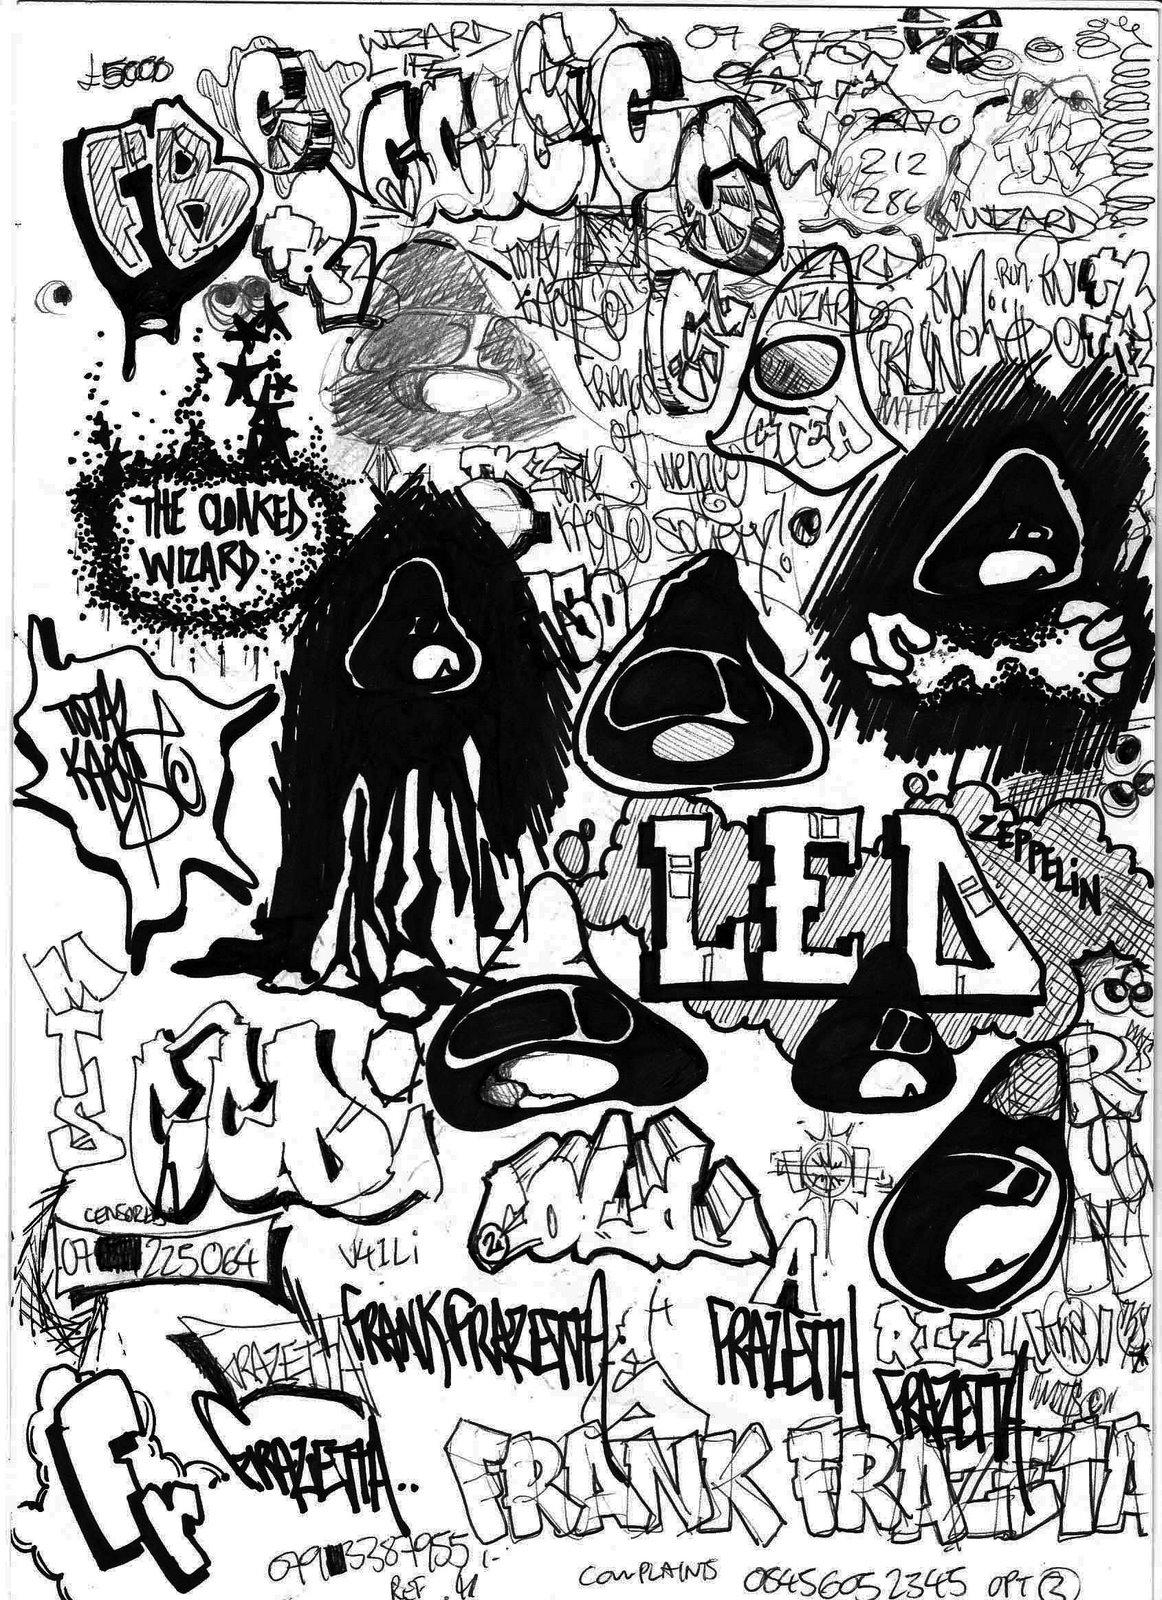 Disegni da colorare per adulti : Graffiti e Street art - 8